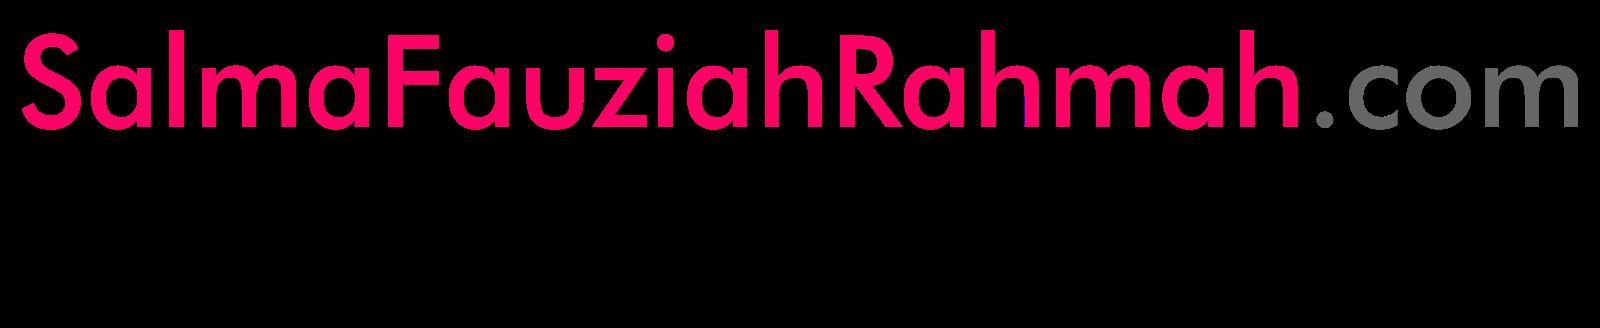 Salma Fauziah Rahmah